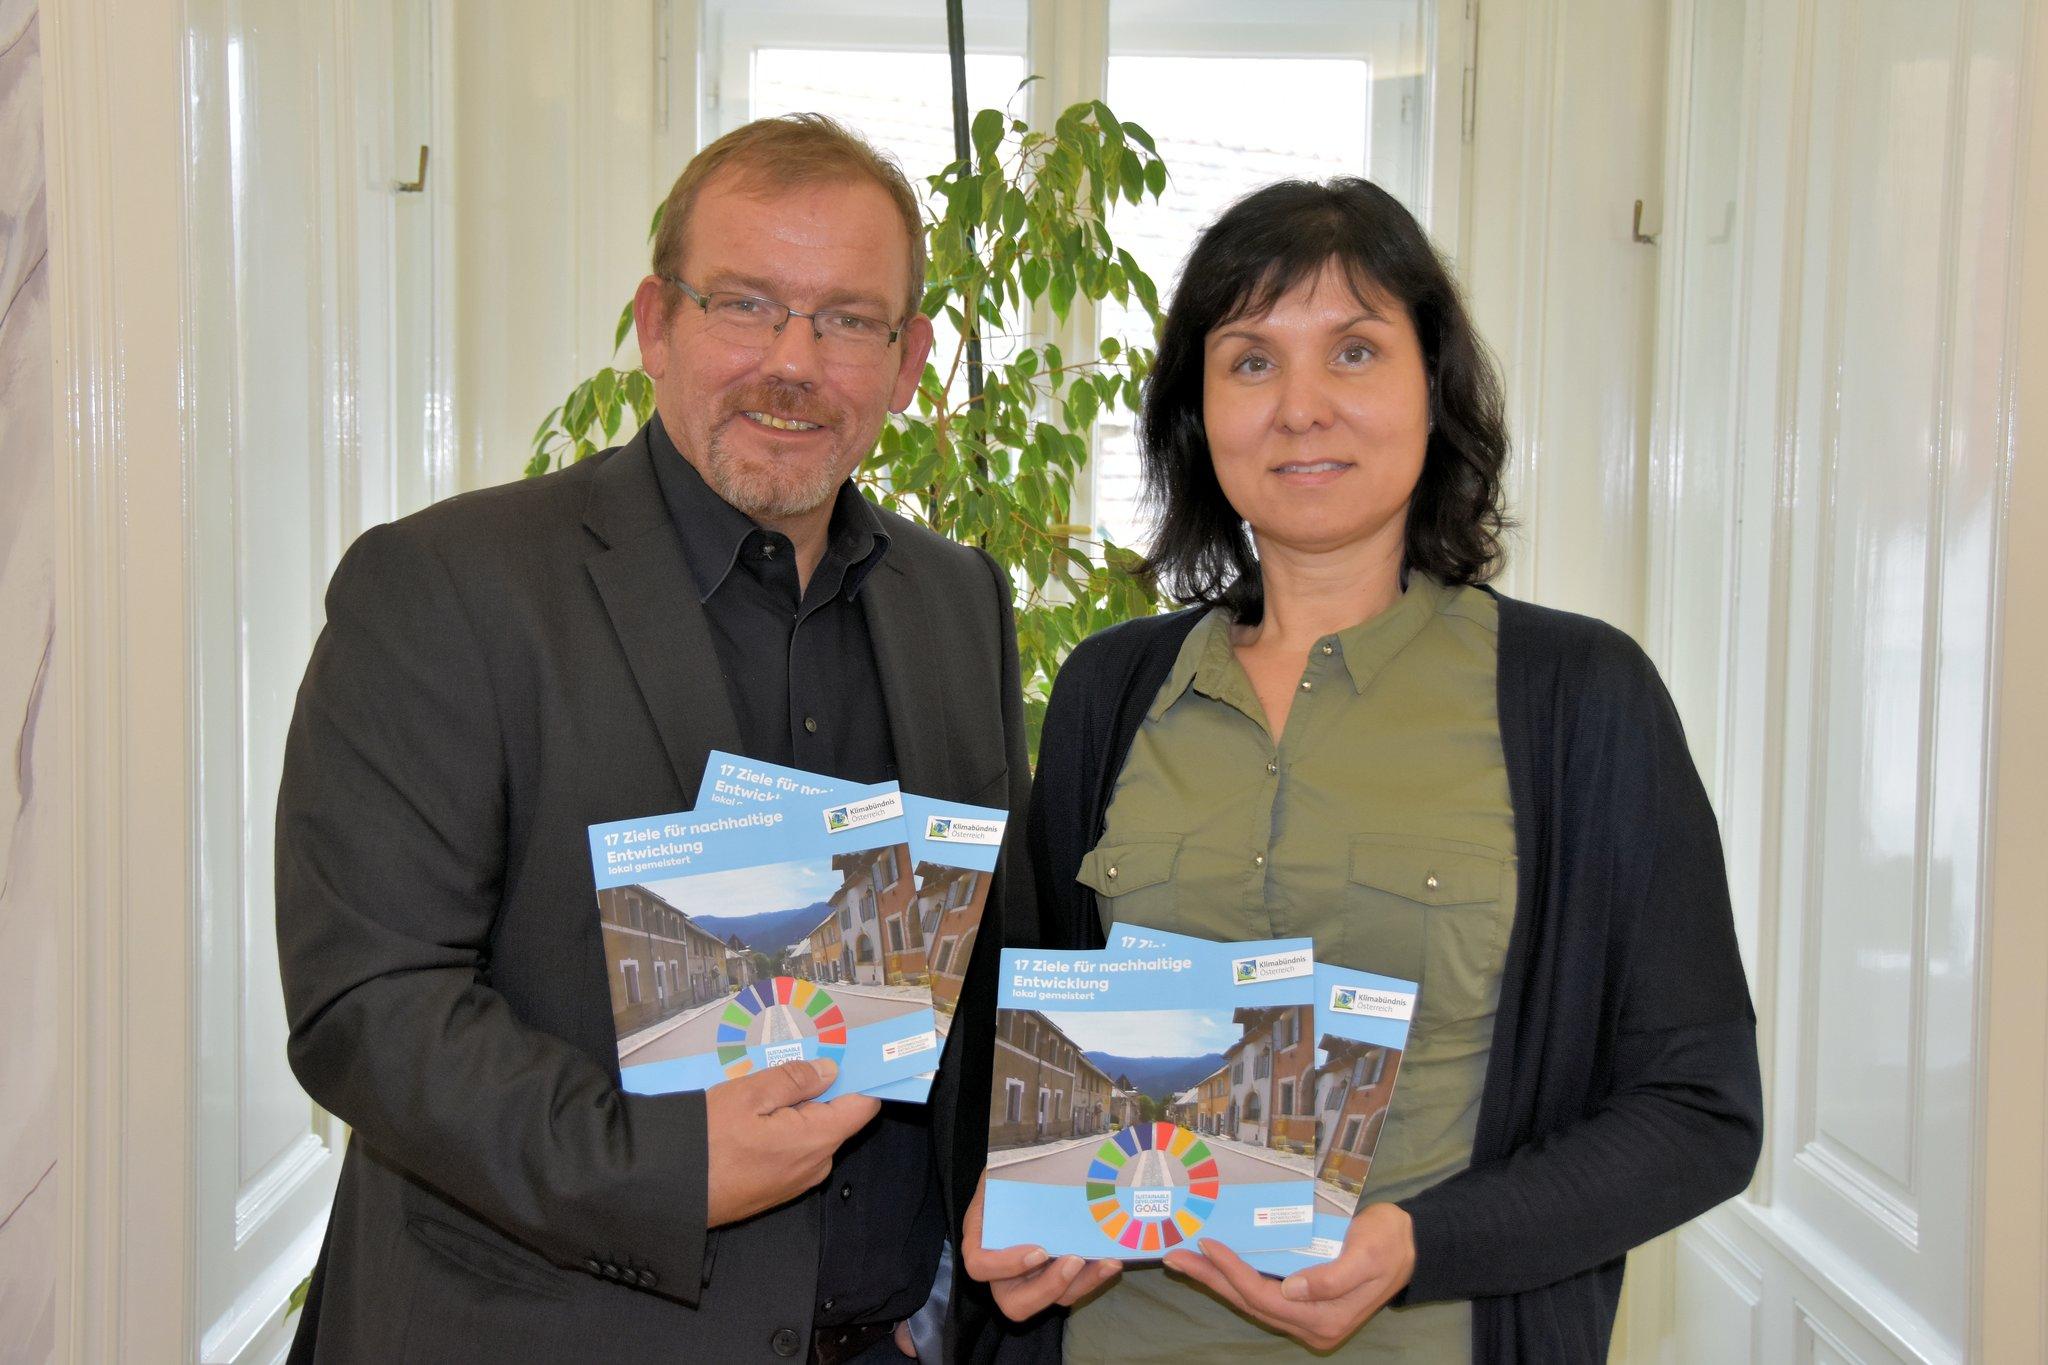 Bildungsprogramm Gebiet Mistelbach 2019-20 - Die Buerinnen